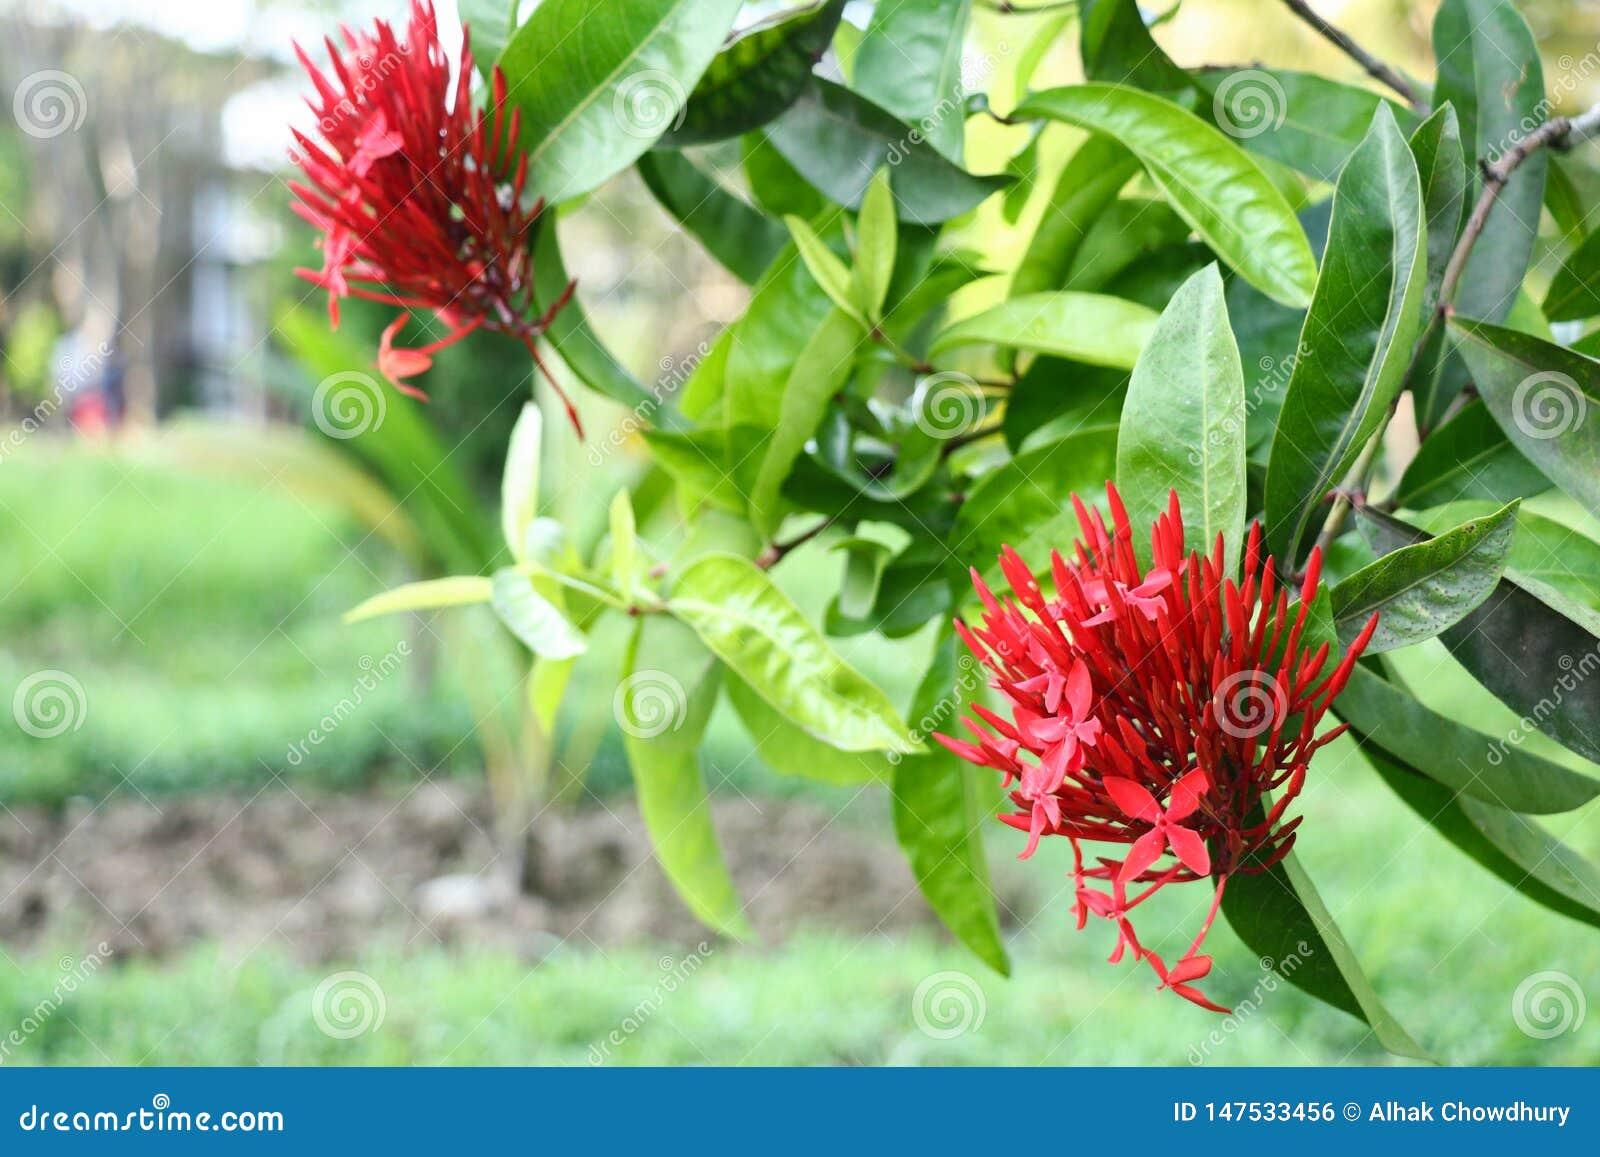 Flor vermelha nas folhas verdes